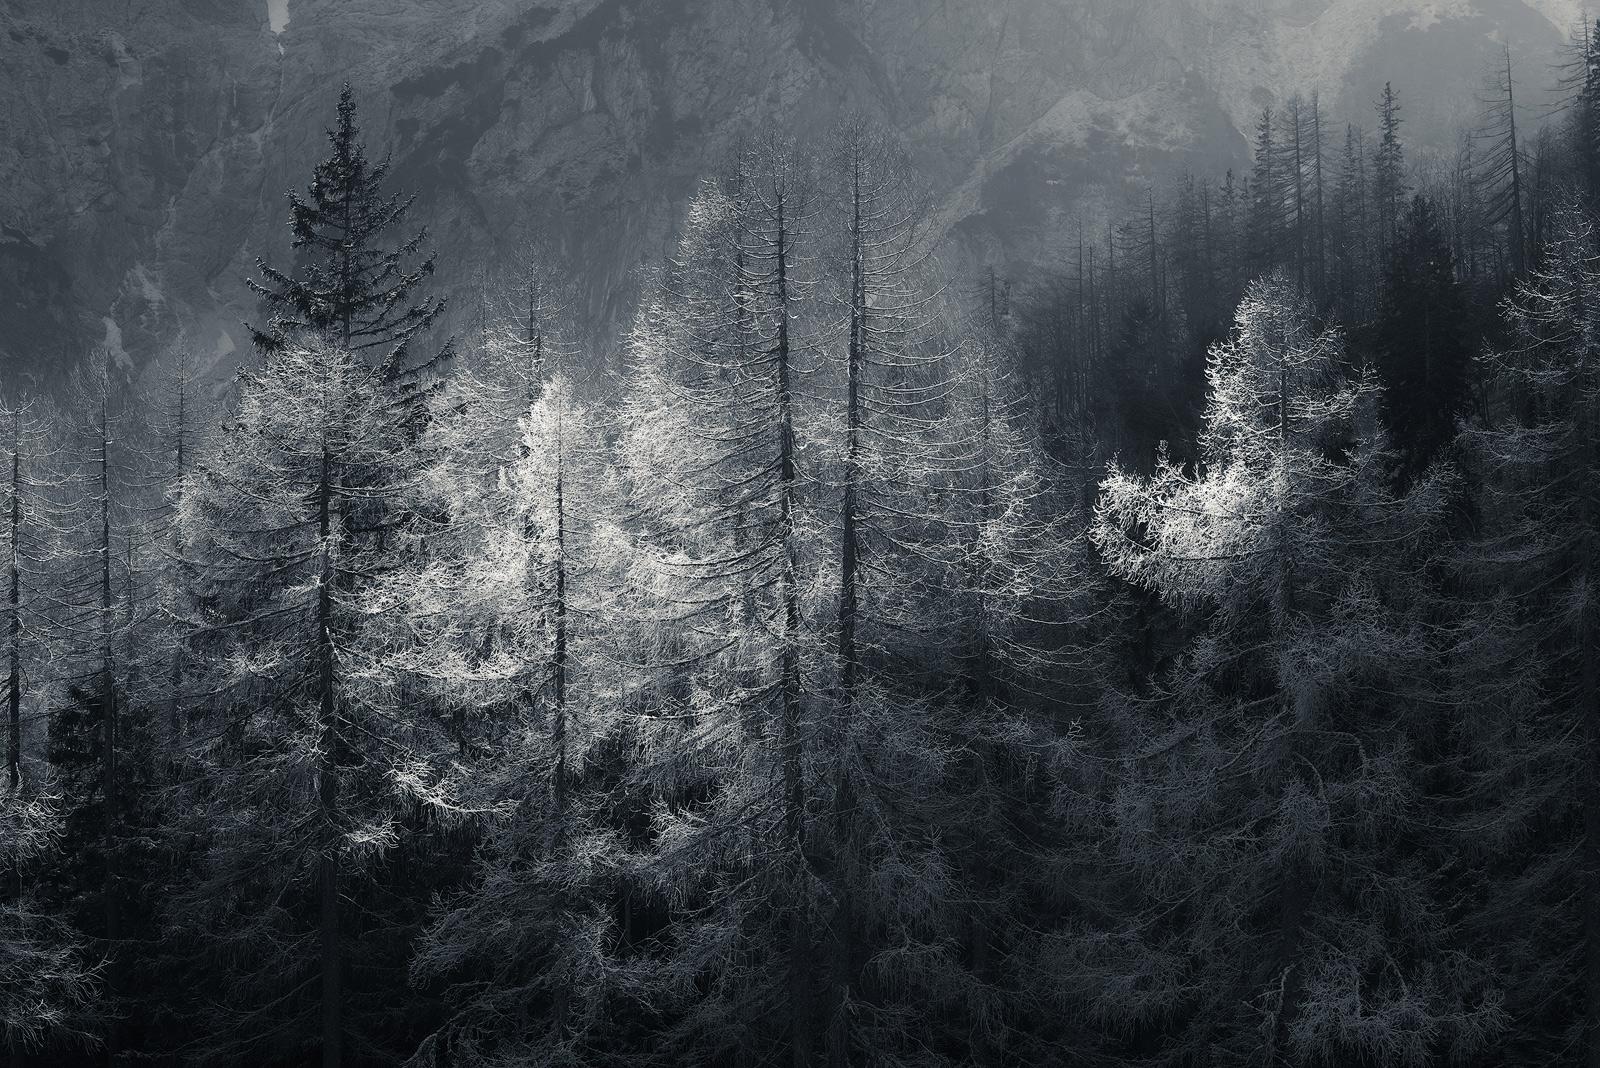 slovenia_winter_esenko_007.jpg